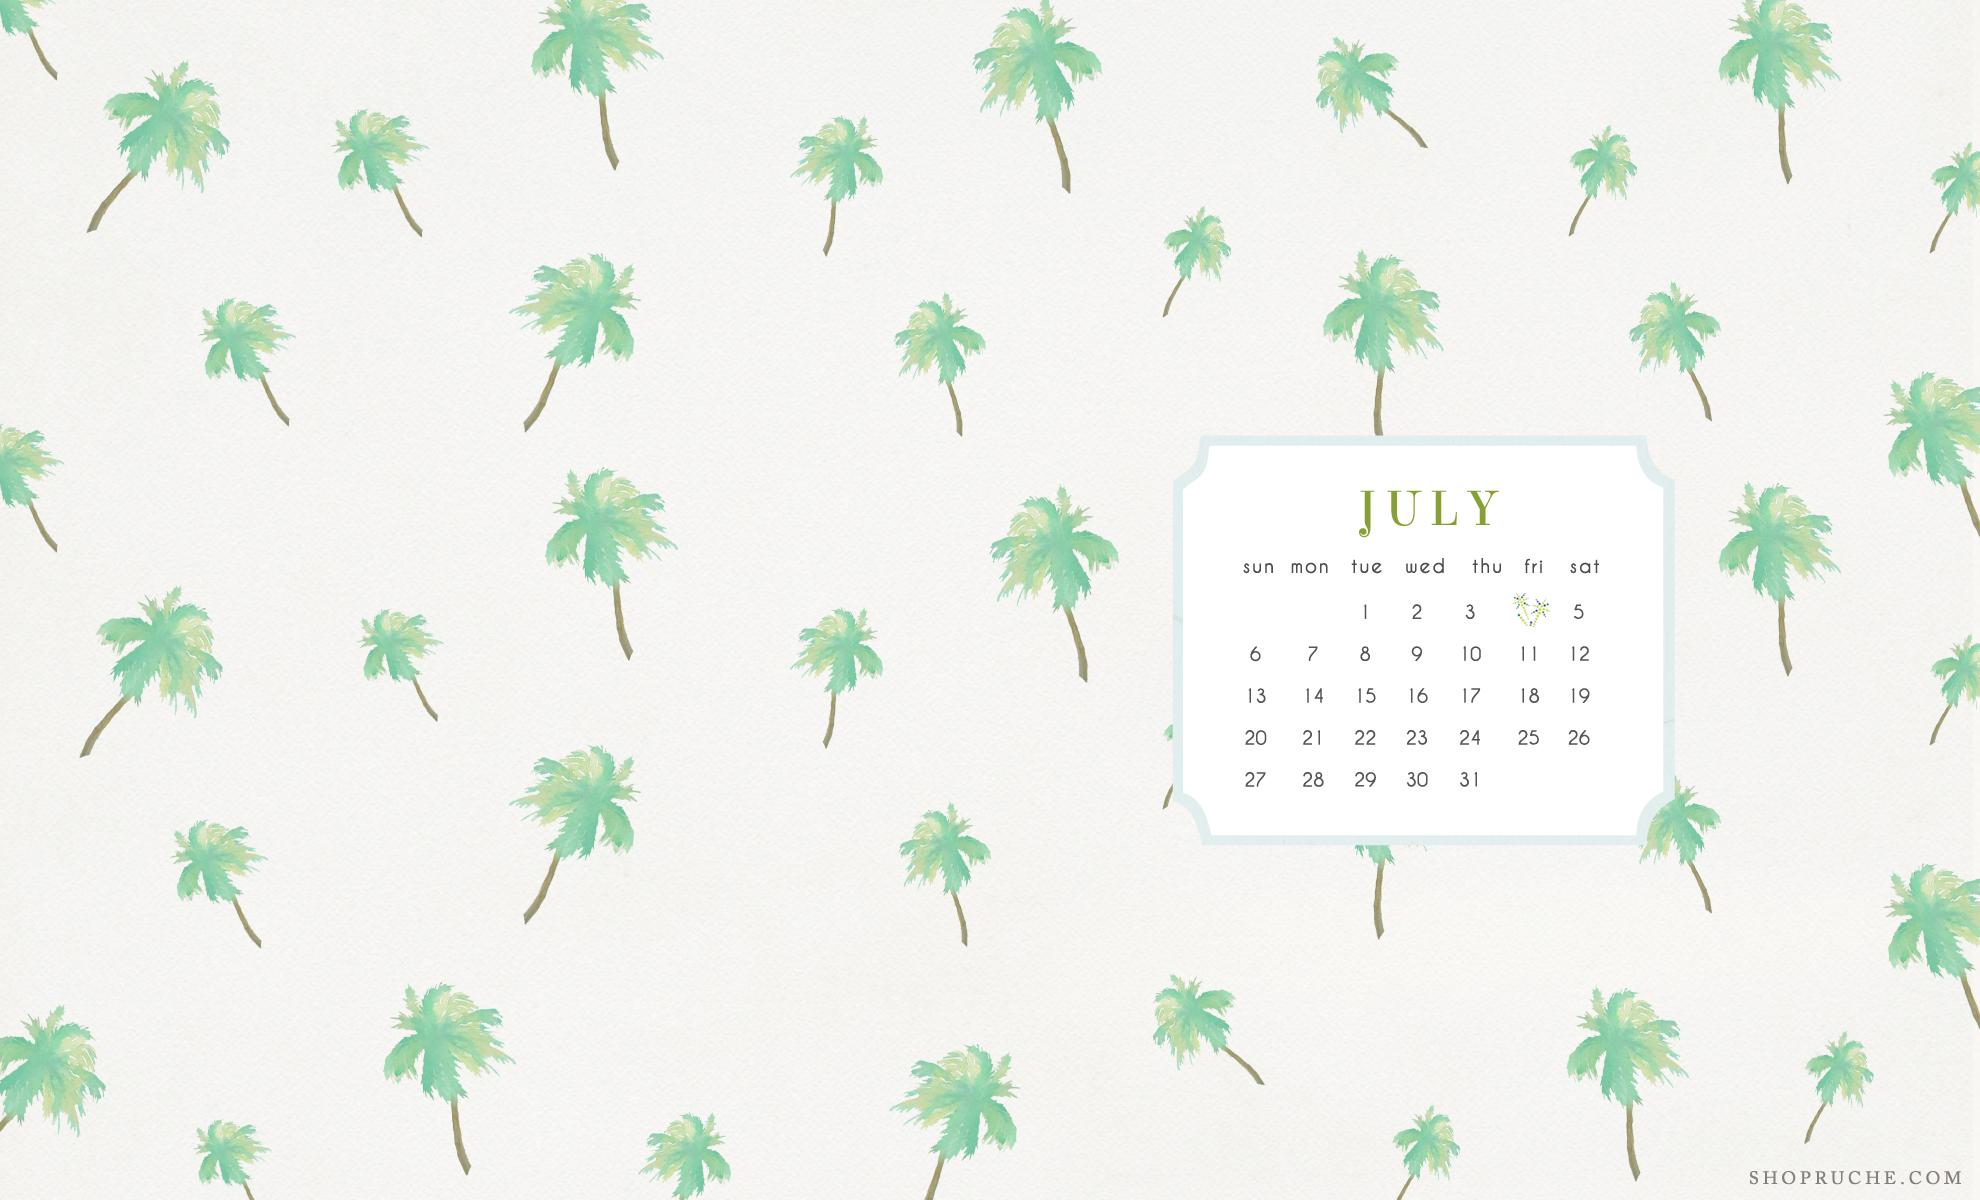 july_calendar_1900x1200